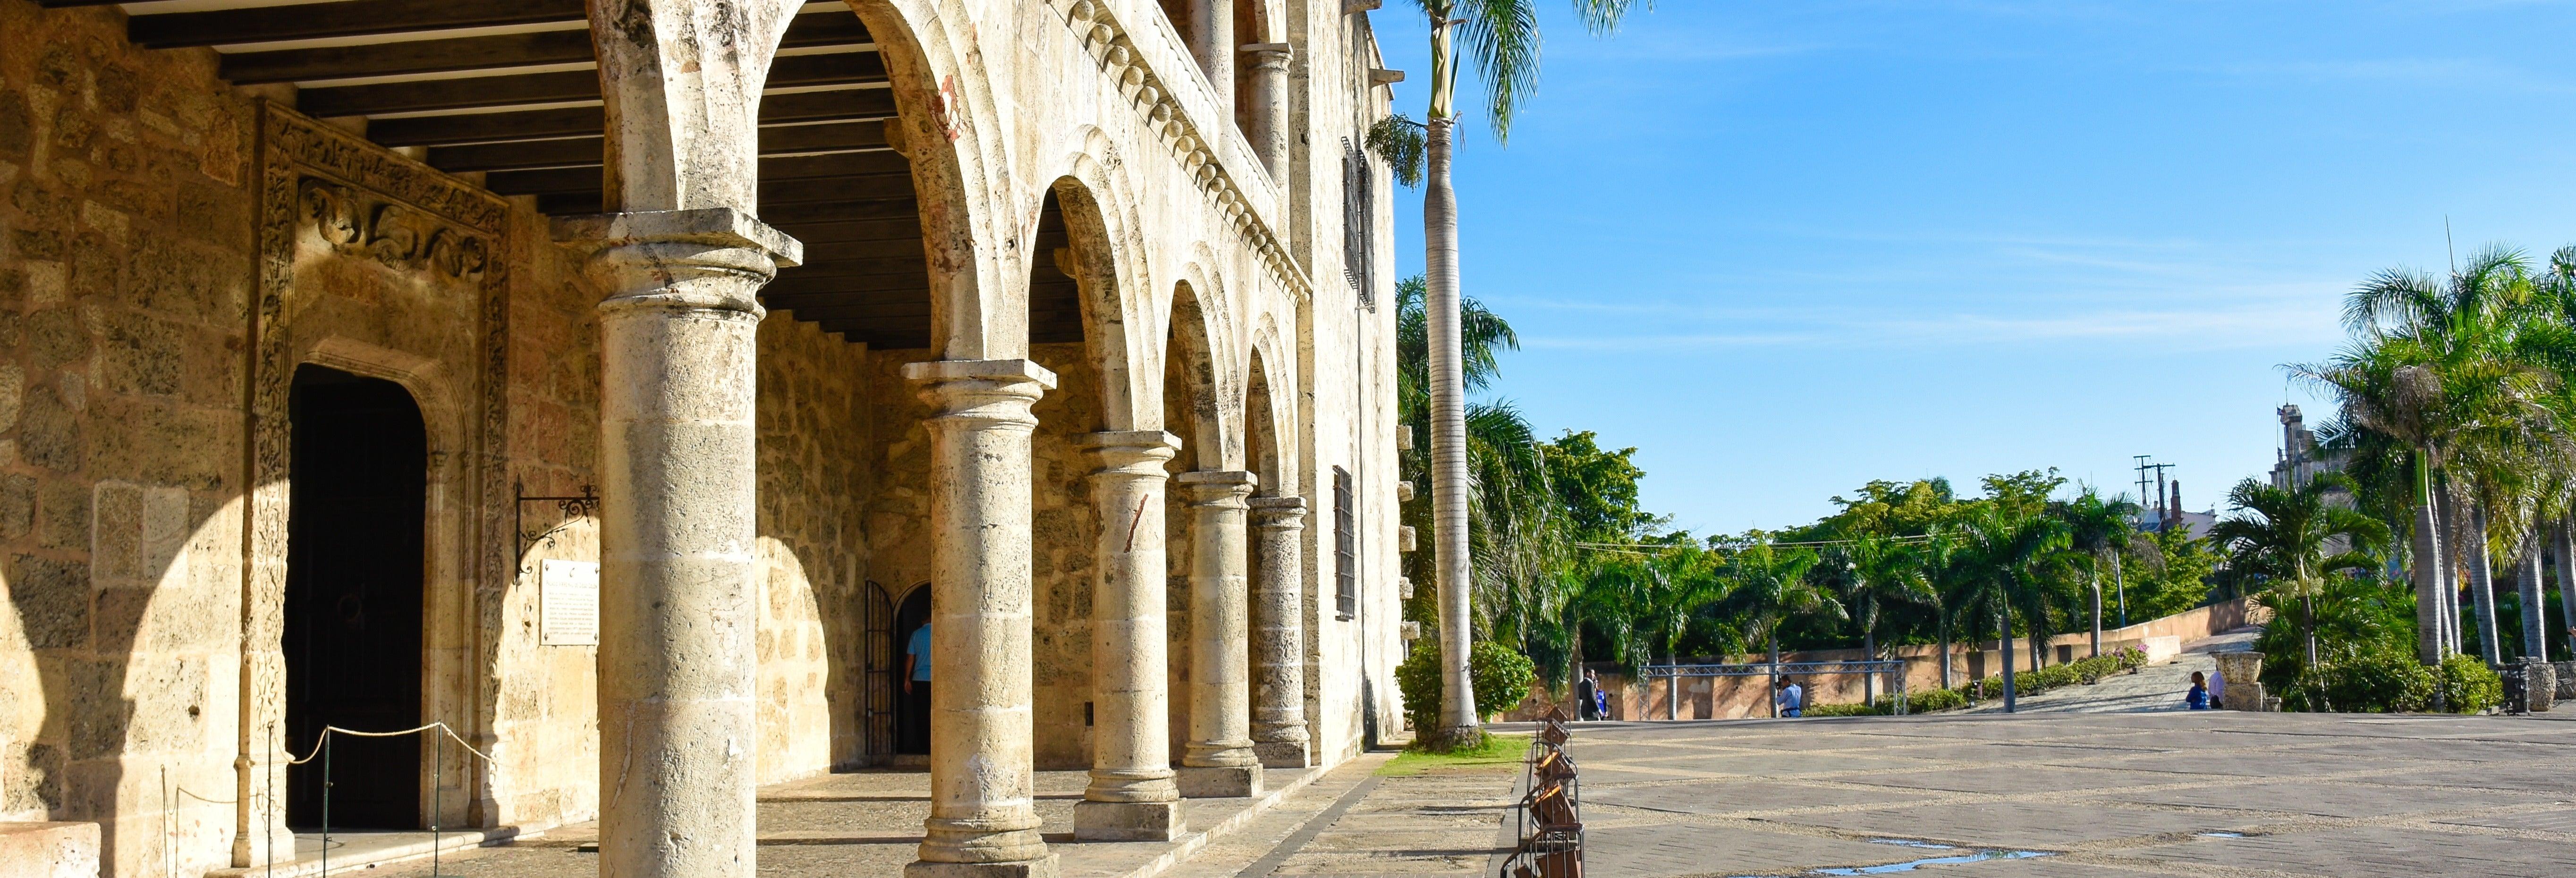 Tour privado por la Ciudad Colonial de Santo Domingo ¡Tú eliges!